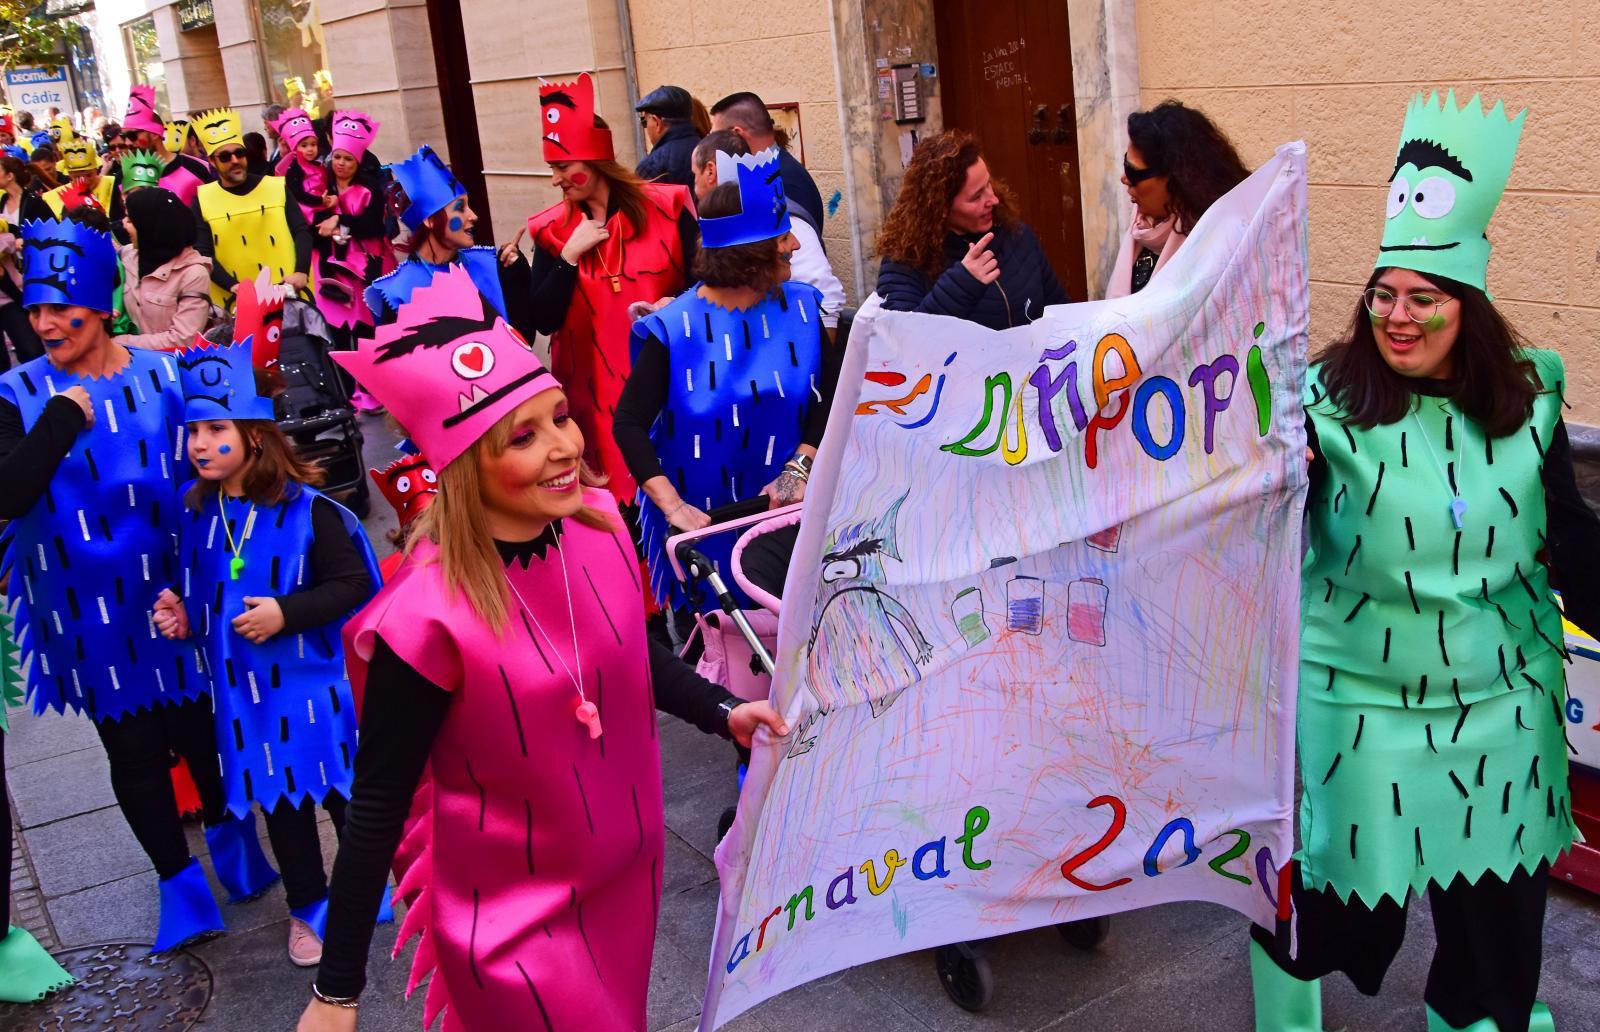 Den som övervintrar i Spanien kan räkna med en häftig karneval i Cadiz i februari.